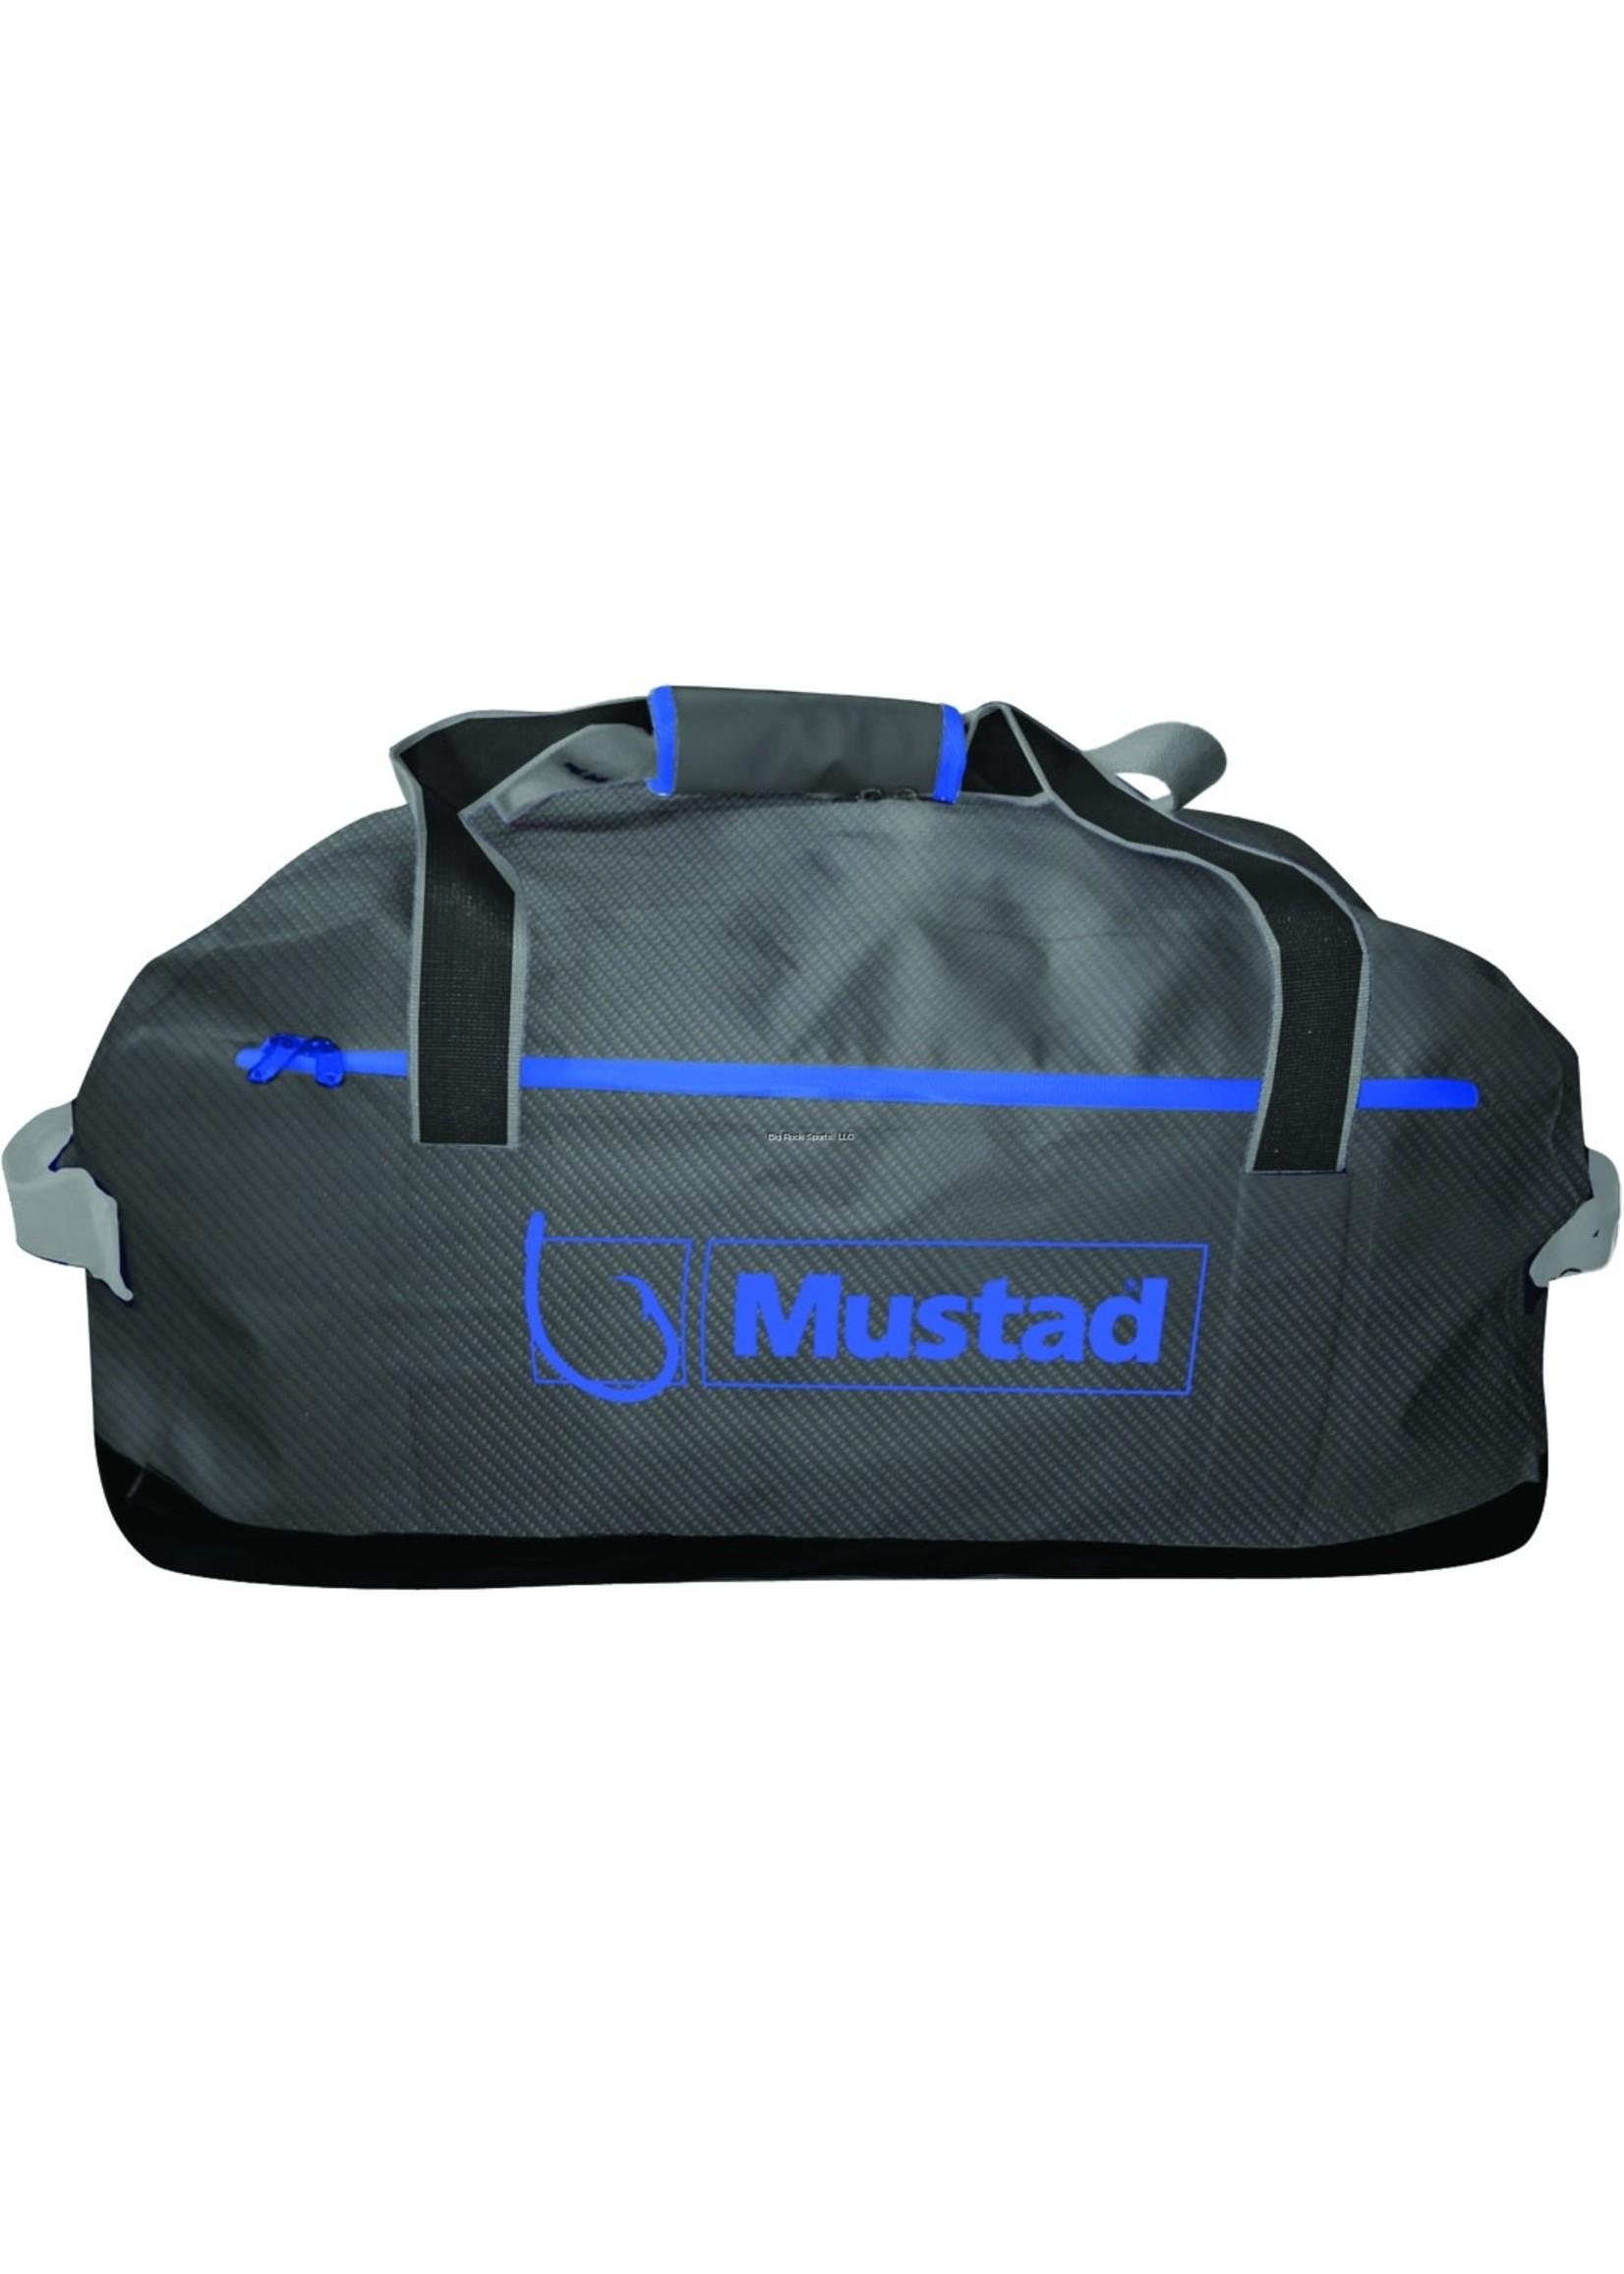 MUSTAD Mustad MB016 Dry Duffel Bag Waterproof, 50 Liter Dark Grey/Blue